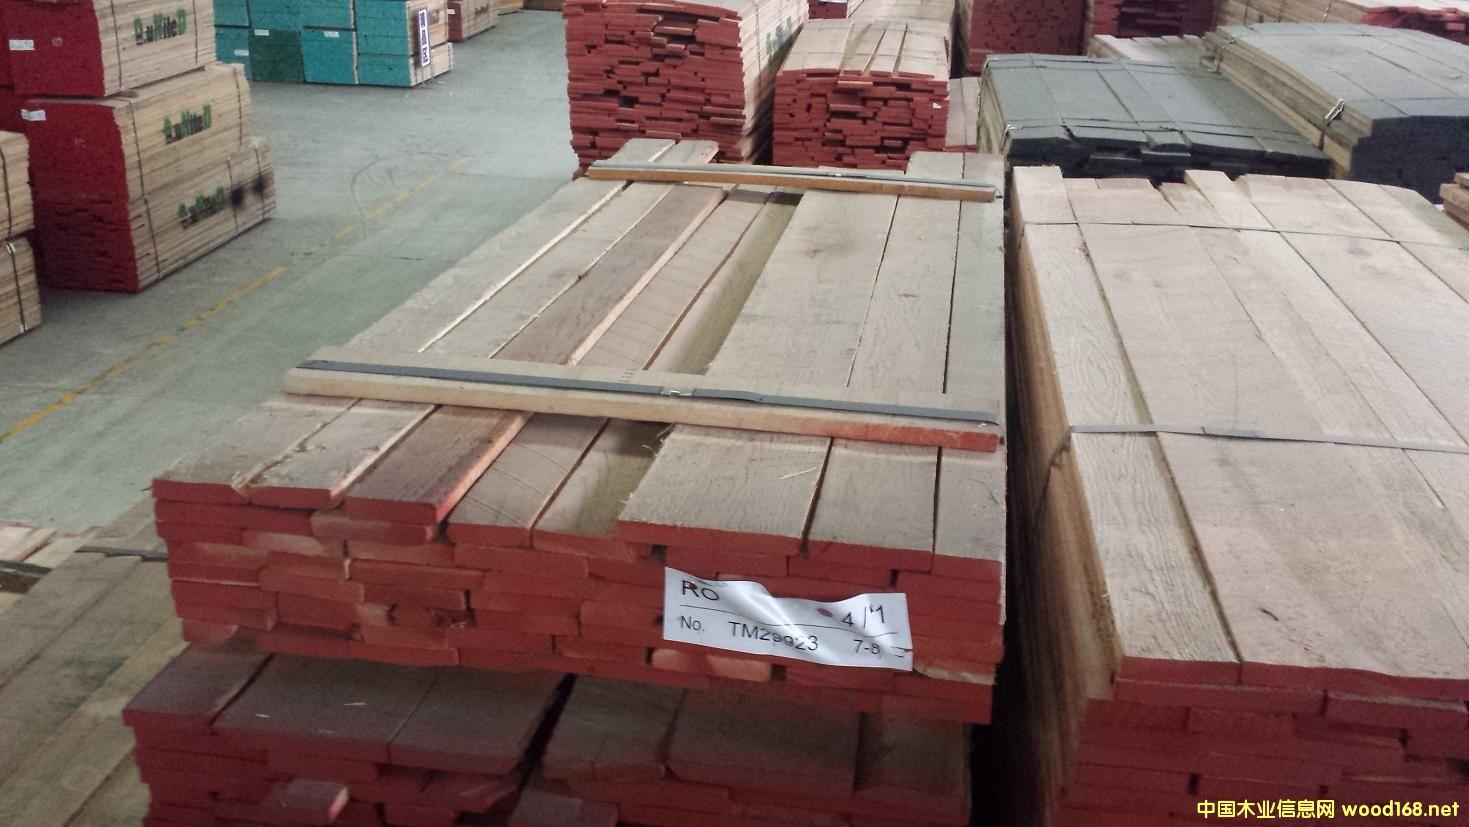 北美森工集团(上海傲世木业) 我公司是专业批发零售美国阔叶木烘干板材的供应商,旗下上海公司-傲世木业,东人木业,现货品种主要有:紅橡木(Red Oak),白橡木(White Oak),硬楓木(Hard Maple),軟楓木(Soft Maple),鵝掌楸(Americantulipwood)太平洋枫木(pc maple),赤楊木(Alder),白腊木(又叫水曲柳Ash),櫻桃木(Cherry)等,公司在上海嘉定区设有大型仓库,每年销售数万立方的板材(300-600个/月柜的储量)。 木料相关参数 : 等级